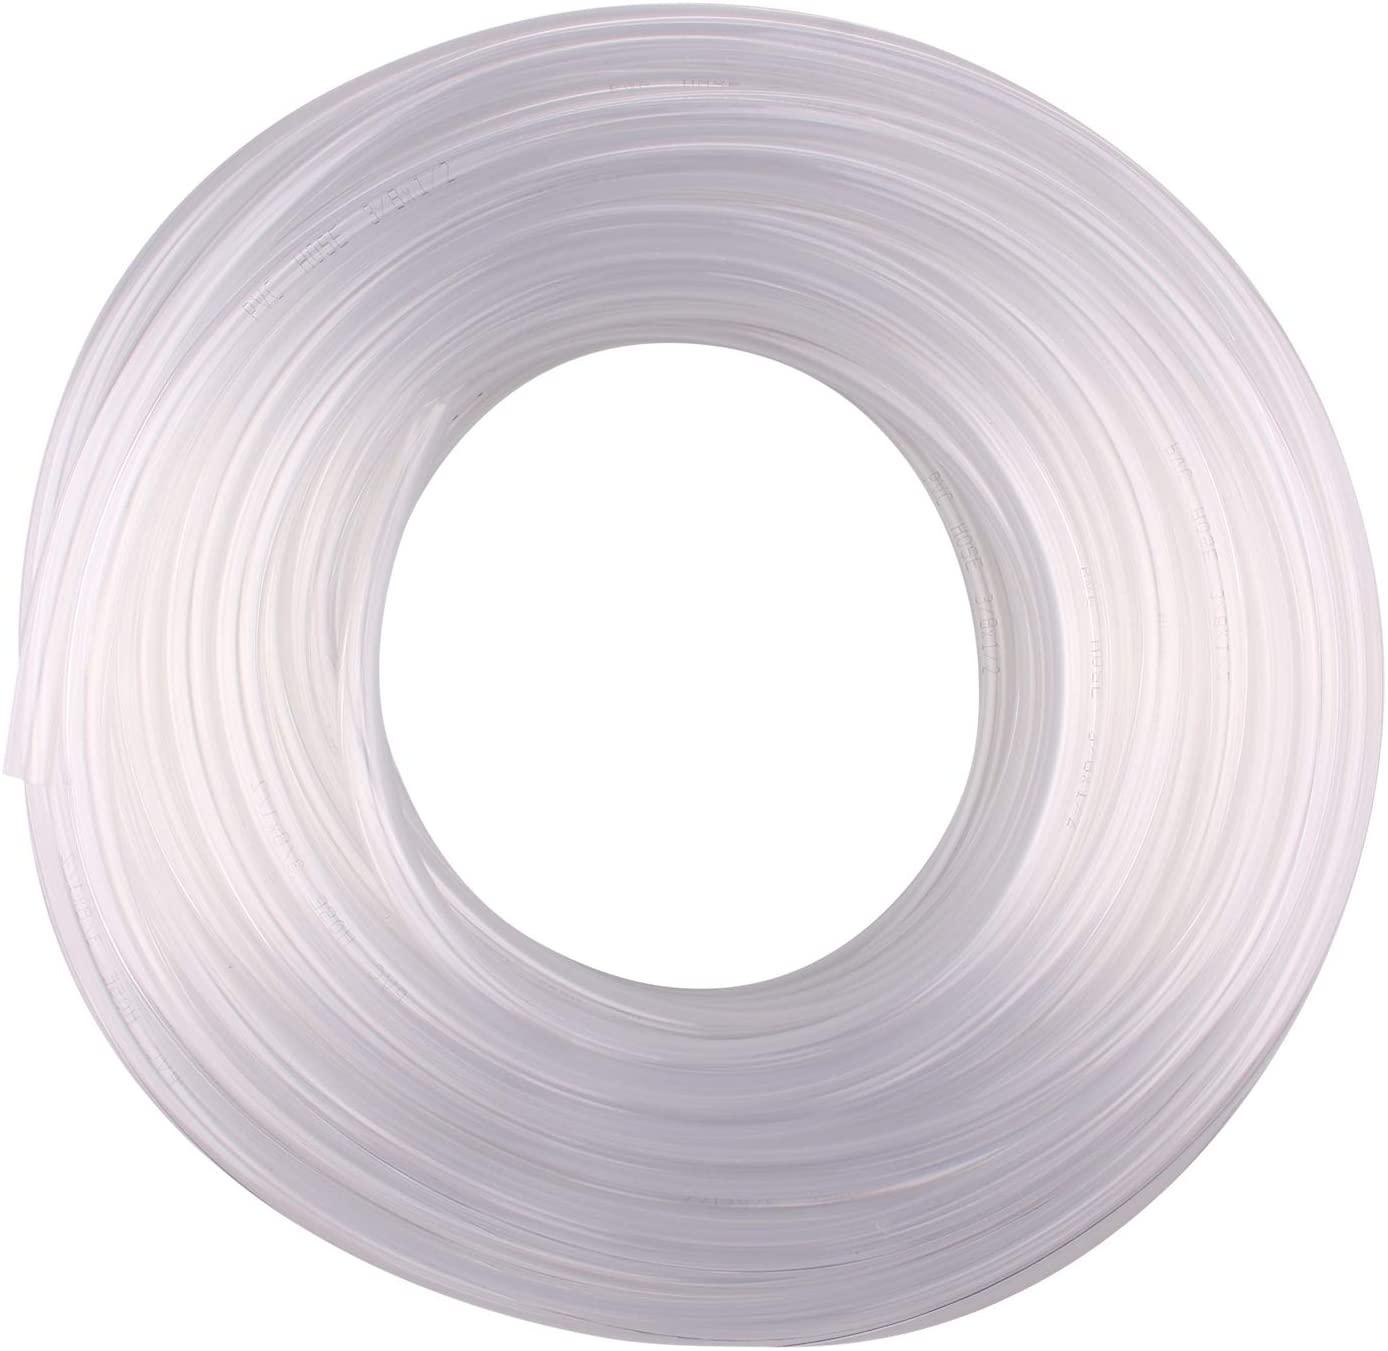 DERNORD PVC Tubing 3/8